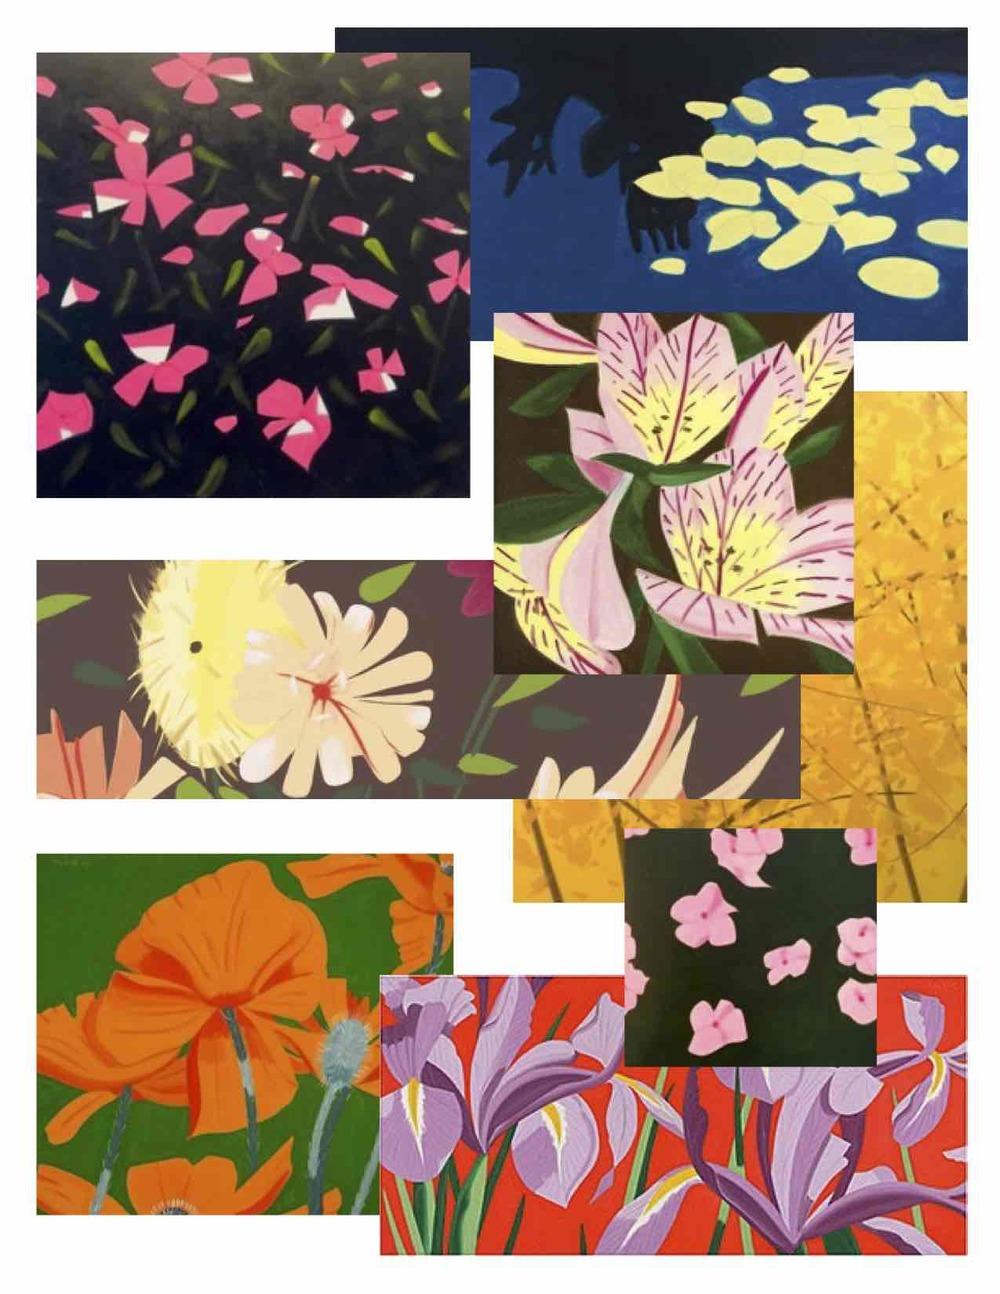 Miscellaneous Floral paintings by Alex Katz.